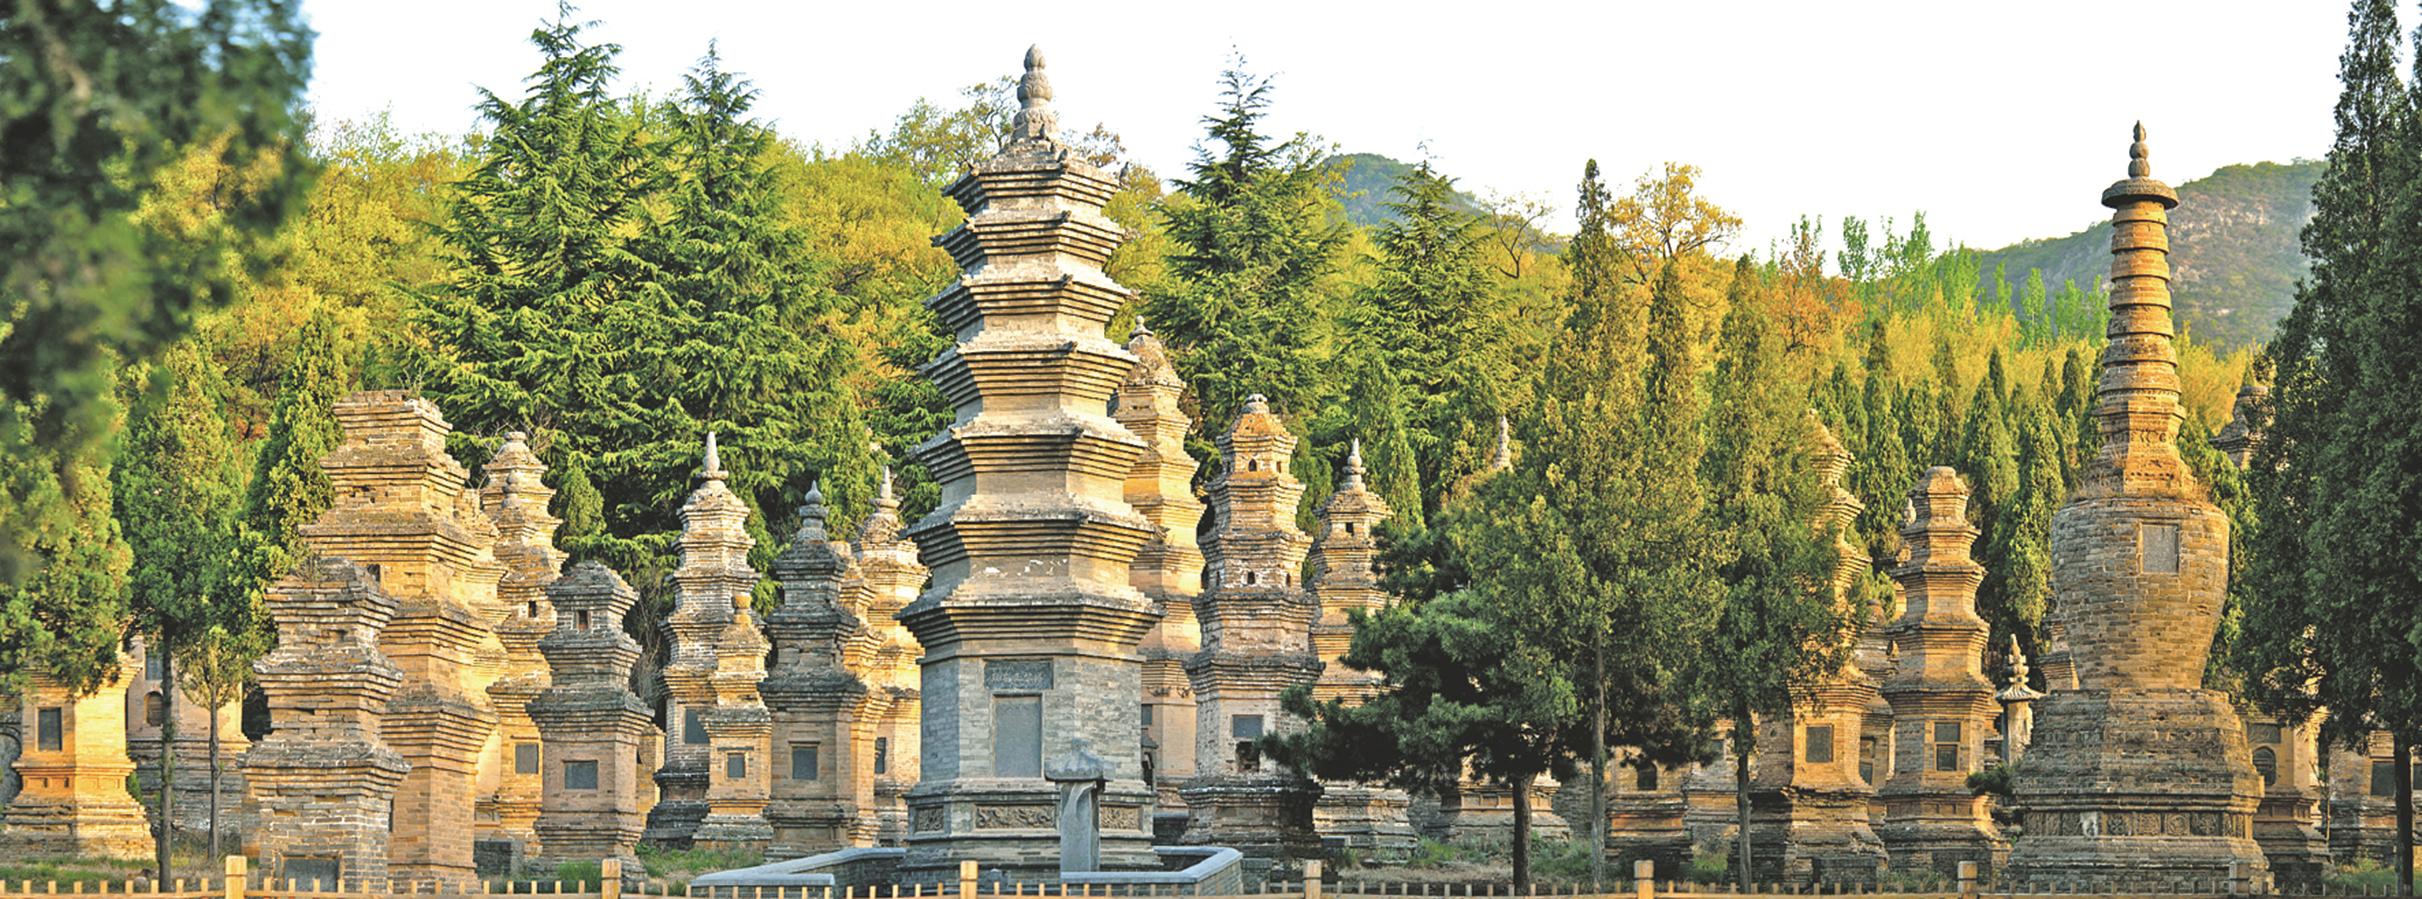 中國河南嵩山少林寺塔林。(大紀元資料室)